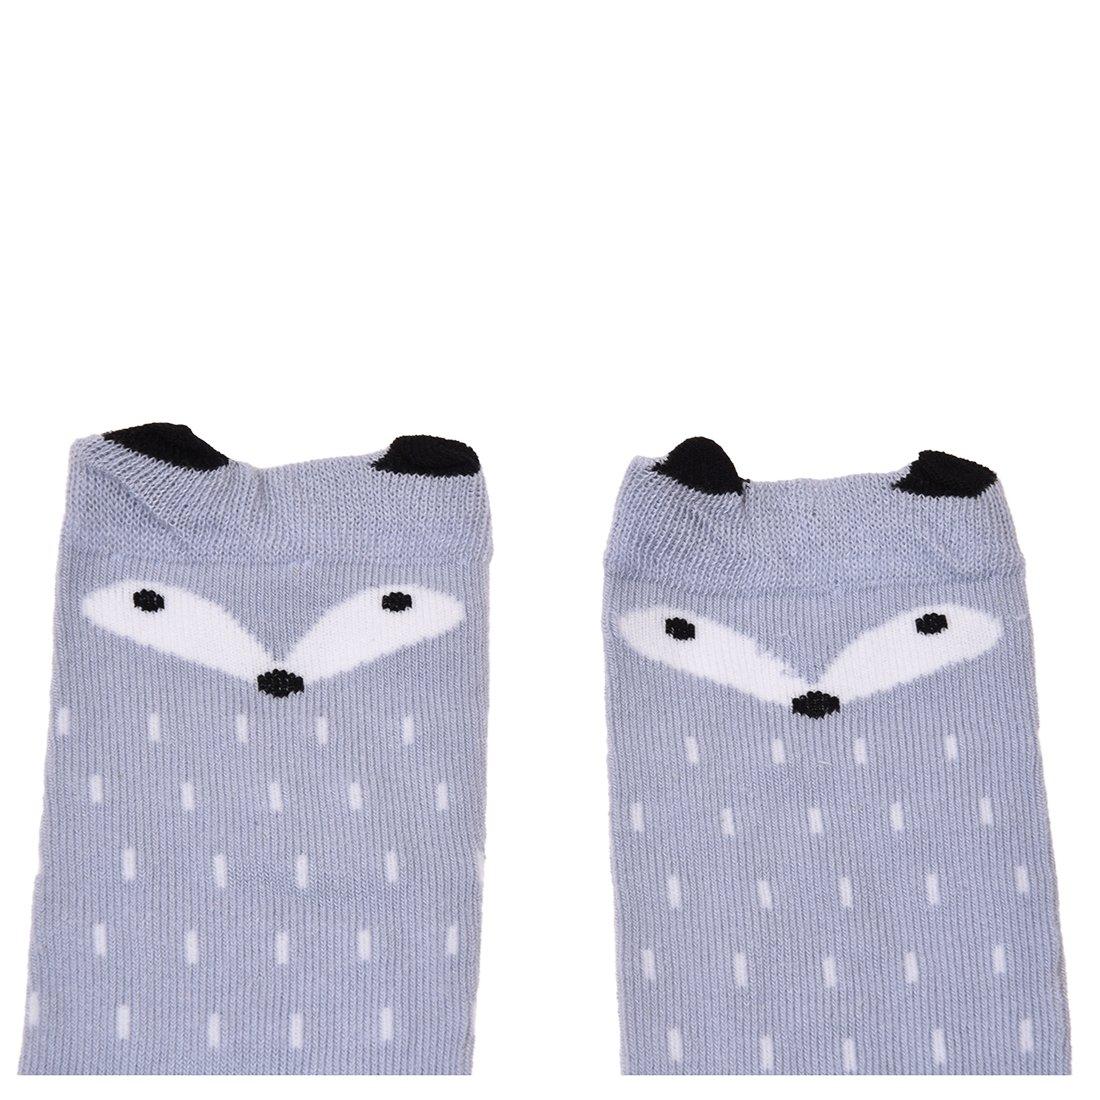 calcetines de los ninos - TOOGOO(R)Ninos Ninas Zorro Patron Rodillera calcetines altos para la edad de 0-1 anos (Gris, 24cm): Amazon.es: Ropa y accesorios